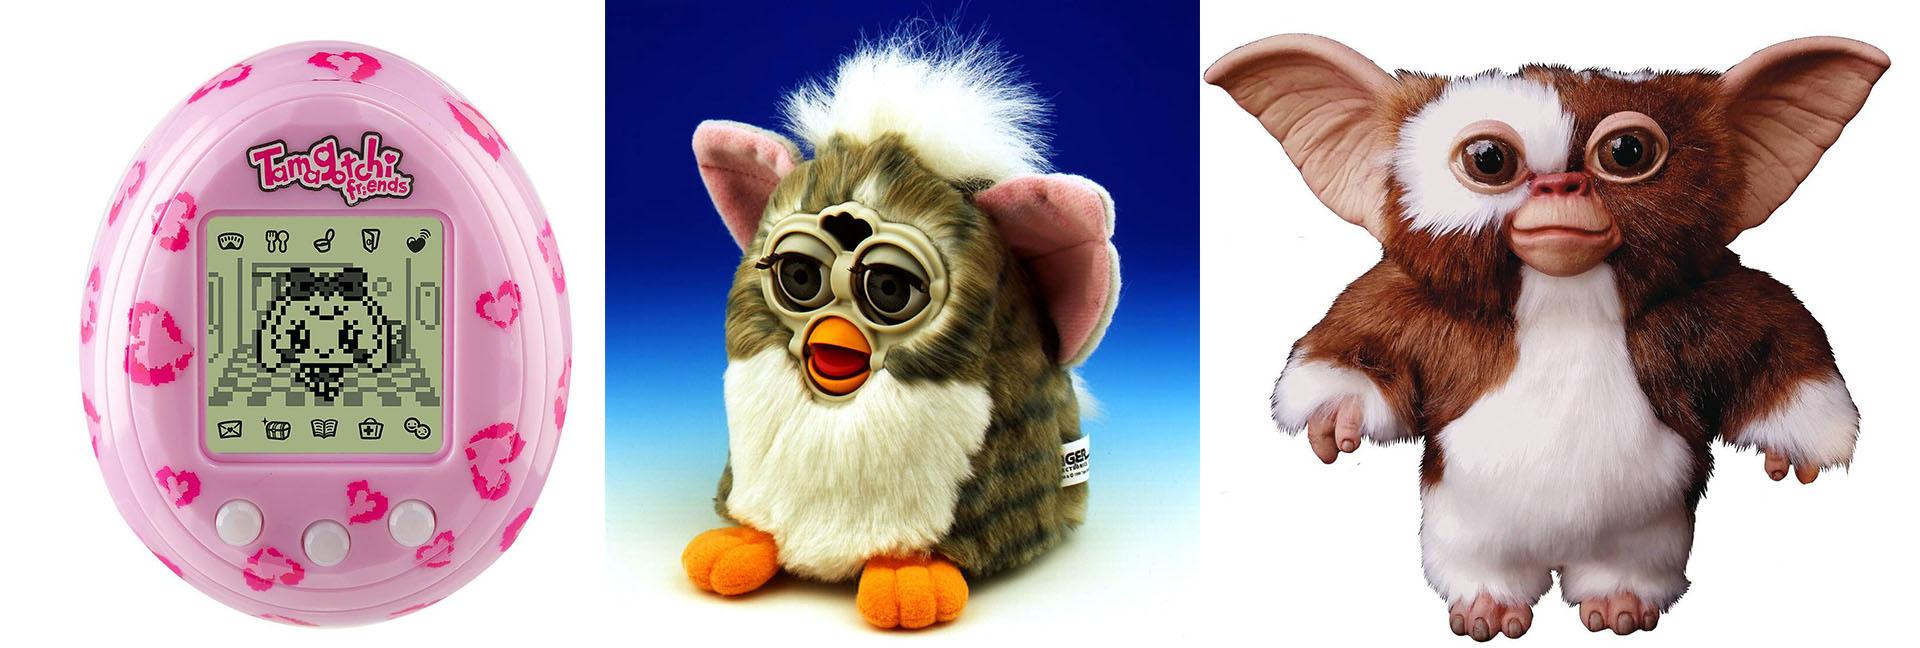 Tamagotchi, Furby y Mogwai